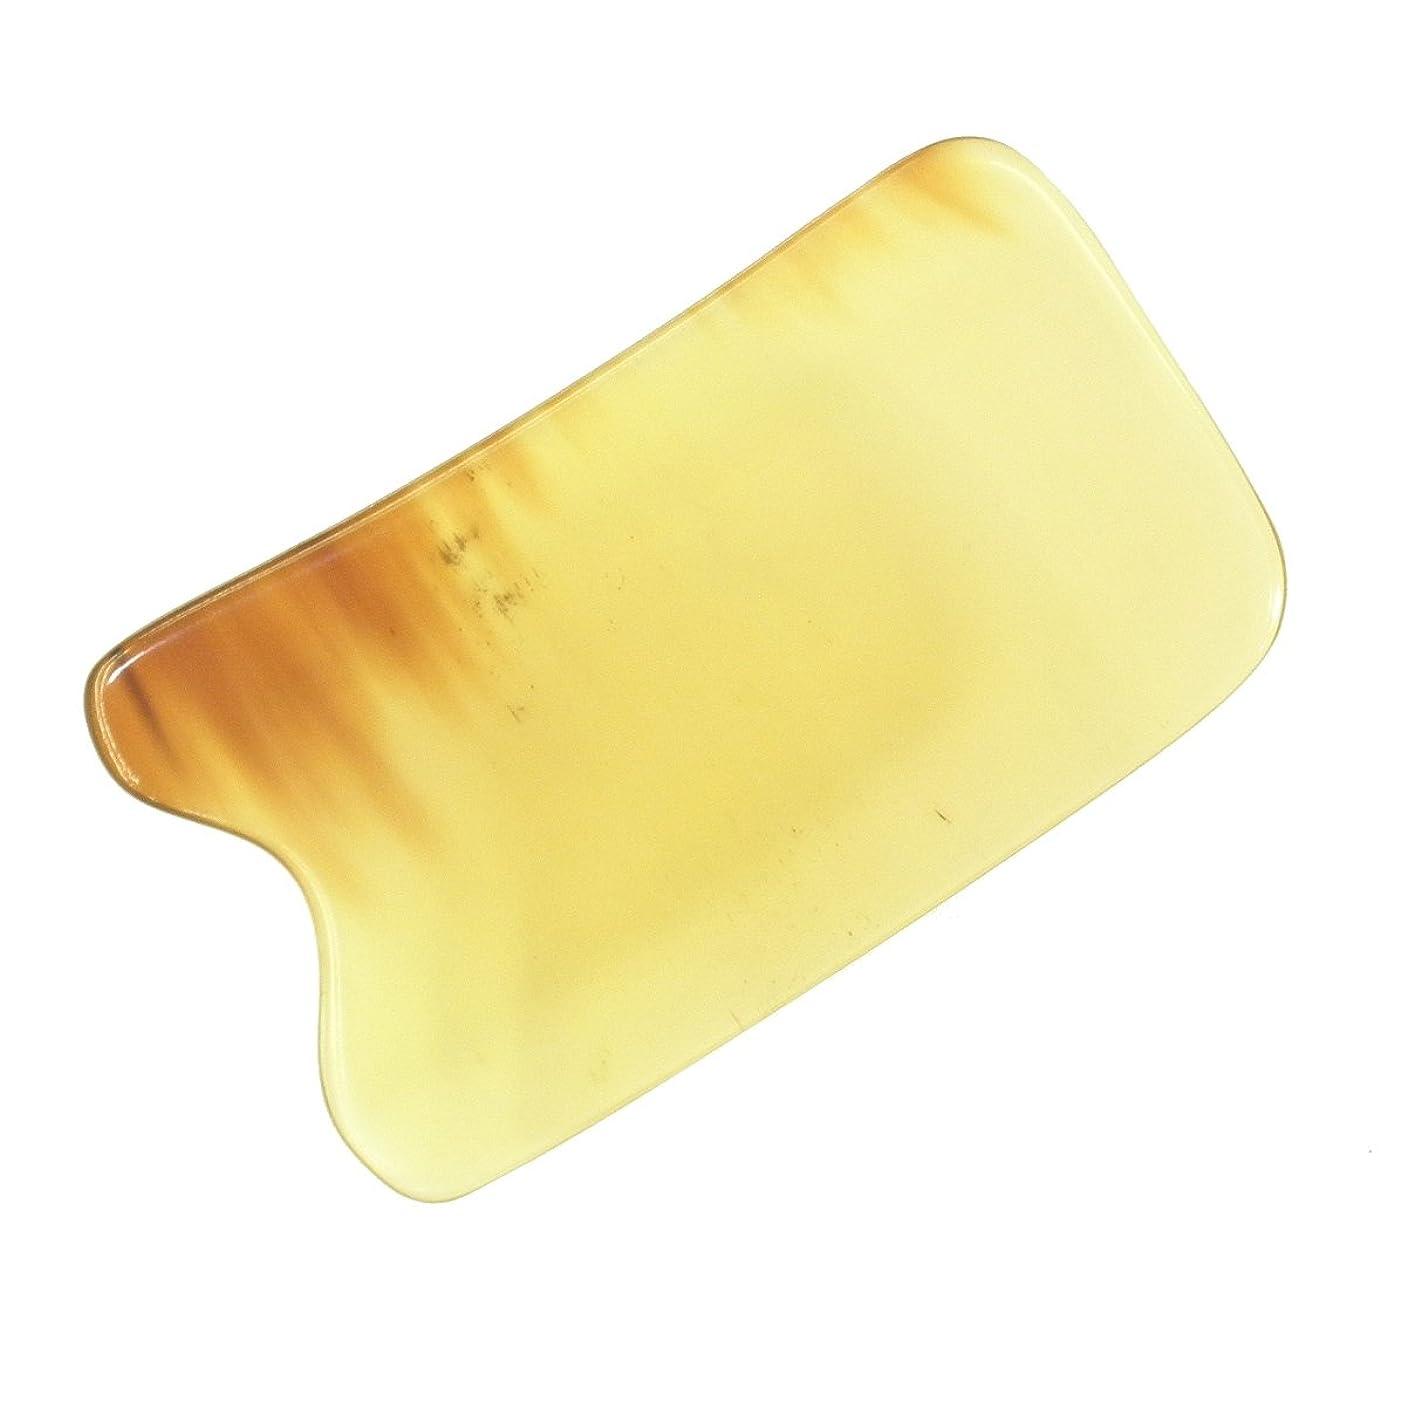 秘書インレイシャッターかっさ プレート 厚さが選べる 水牛の角(黄水牛角) EHE219 四角凹 一般品 少し薄め (4ミリ程度)